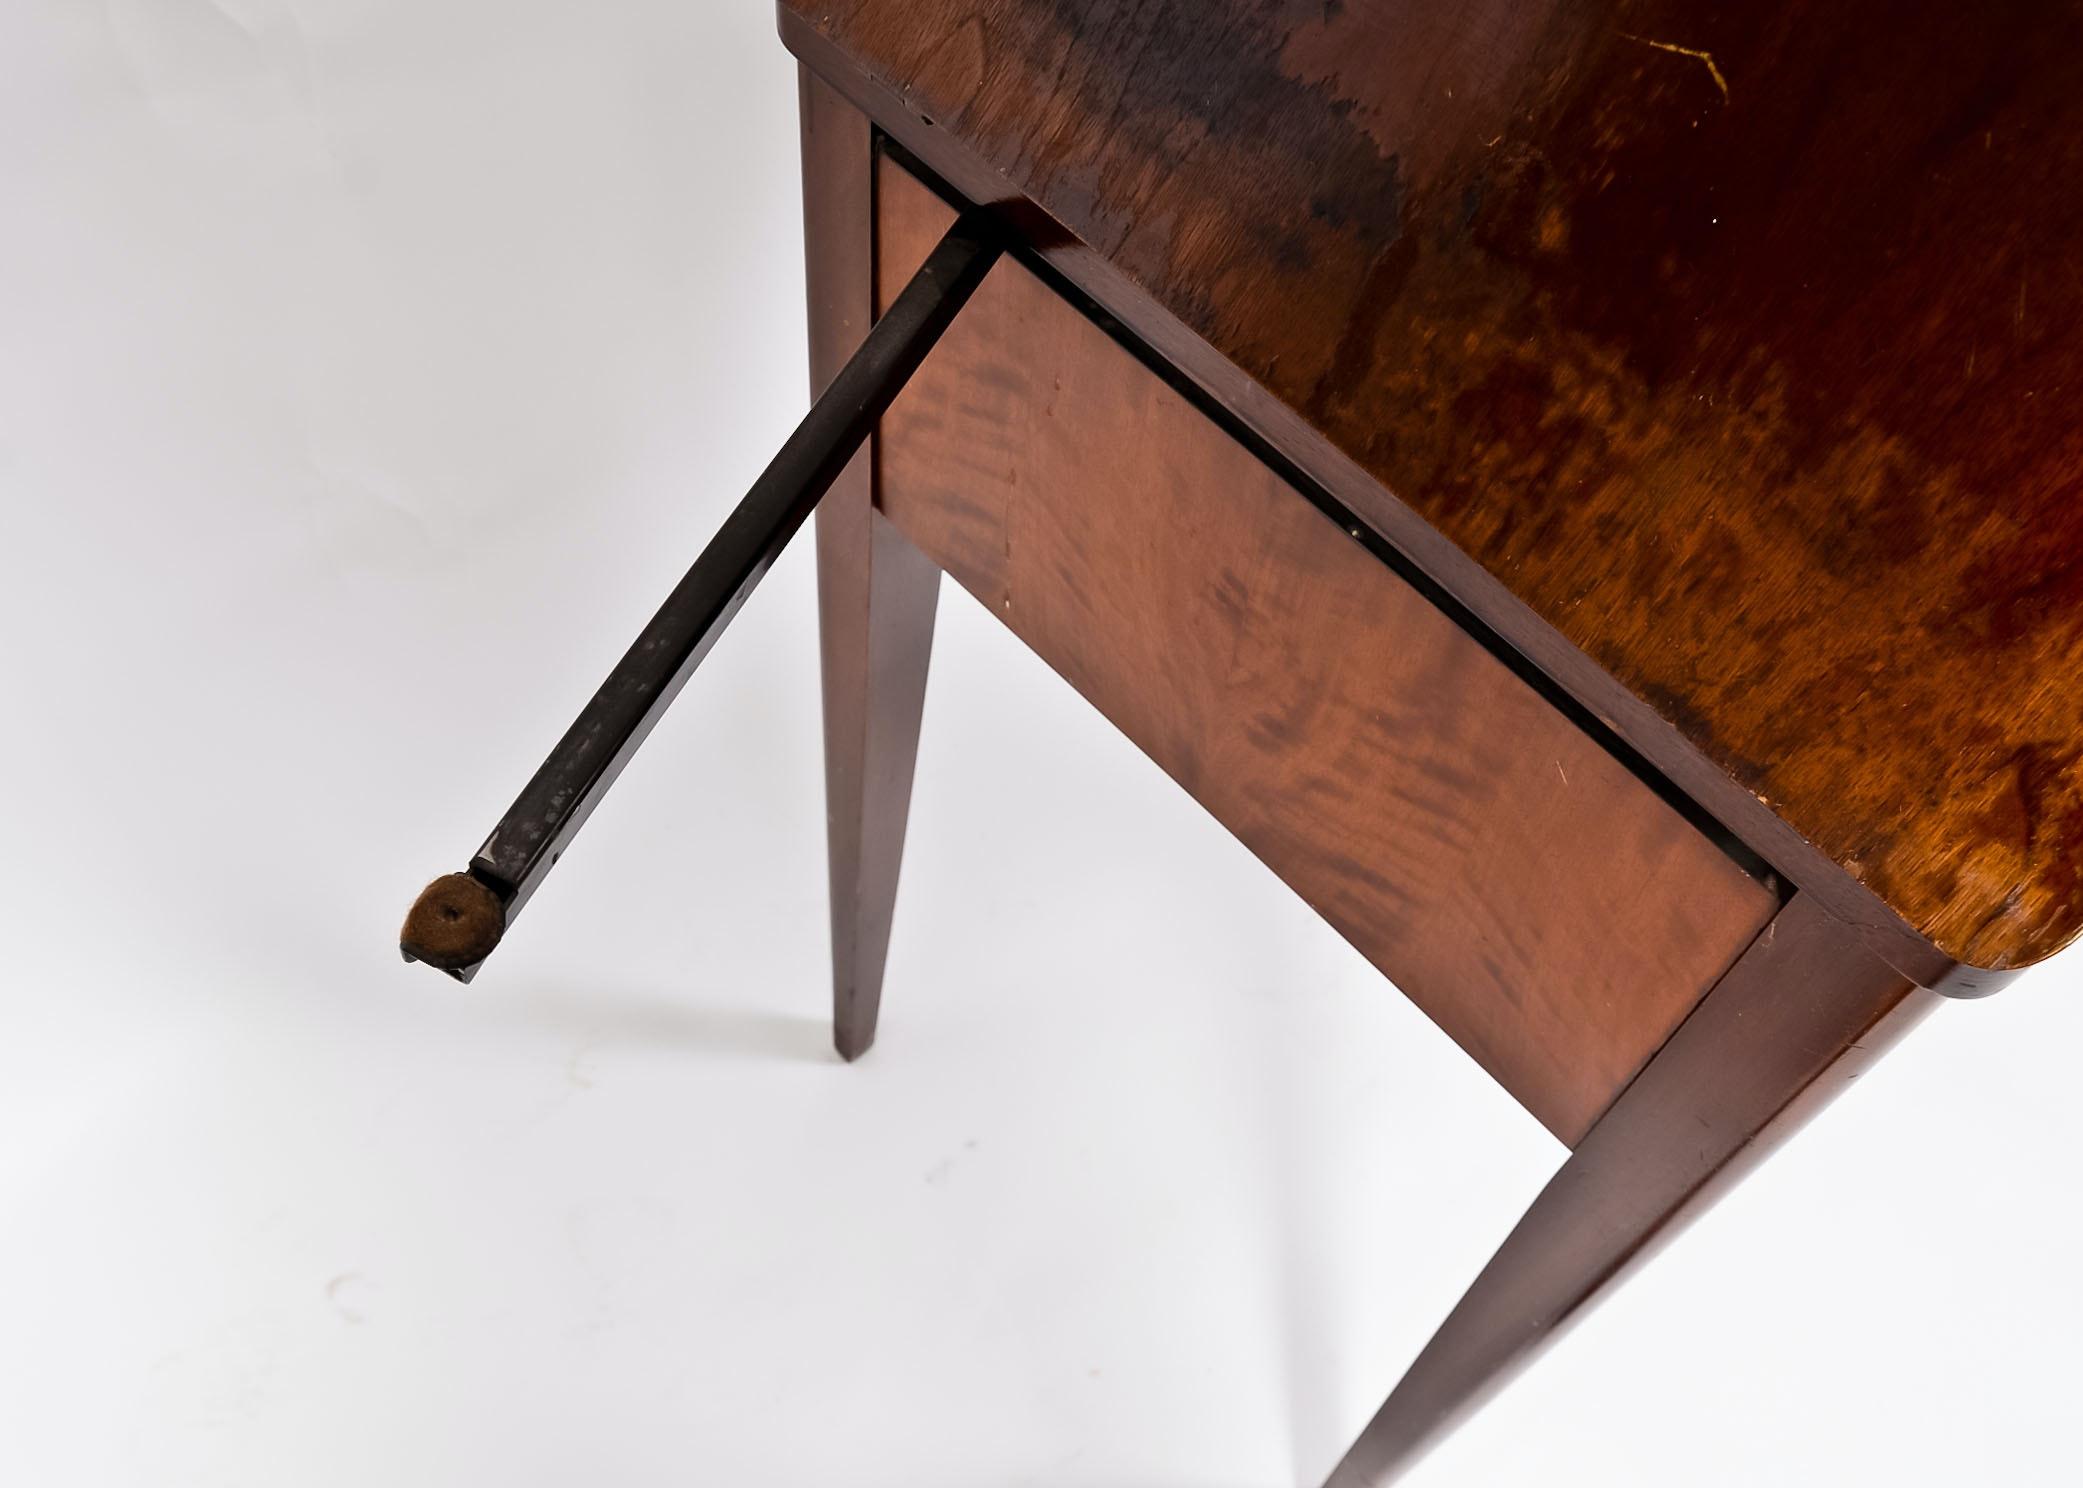 singer sewing machine bench